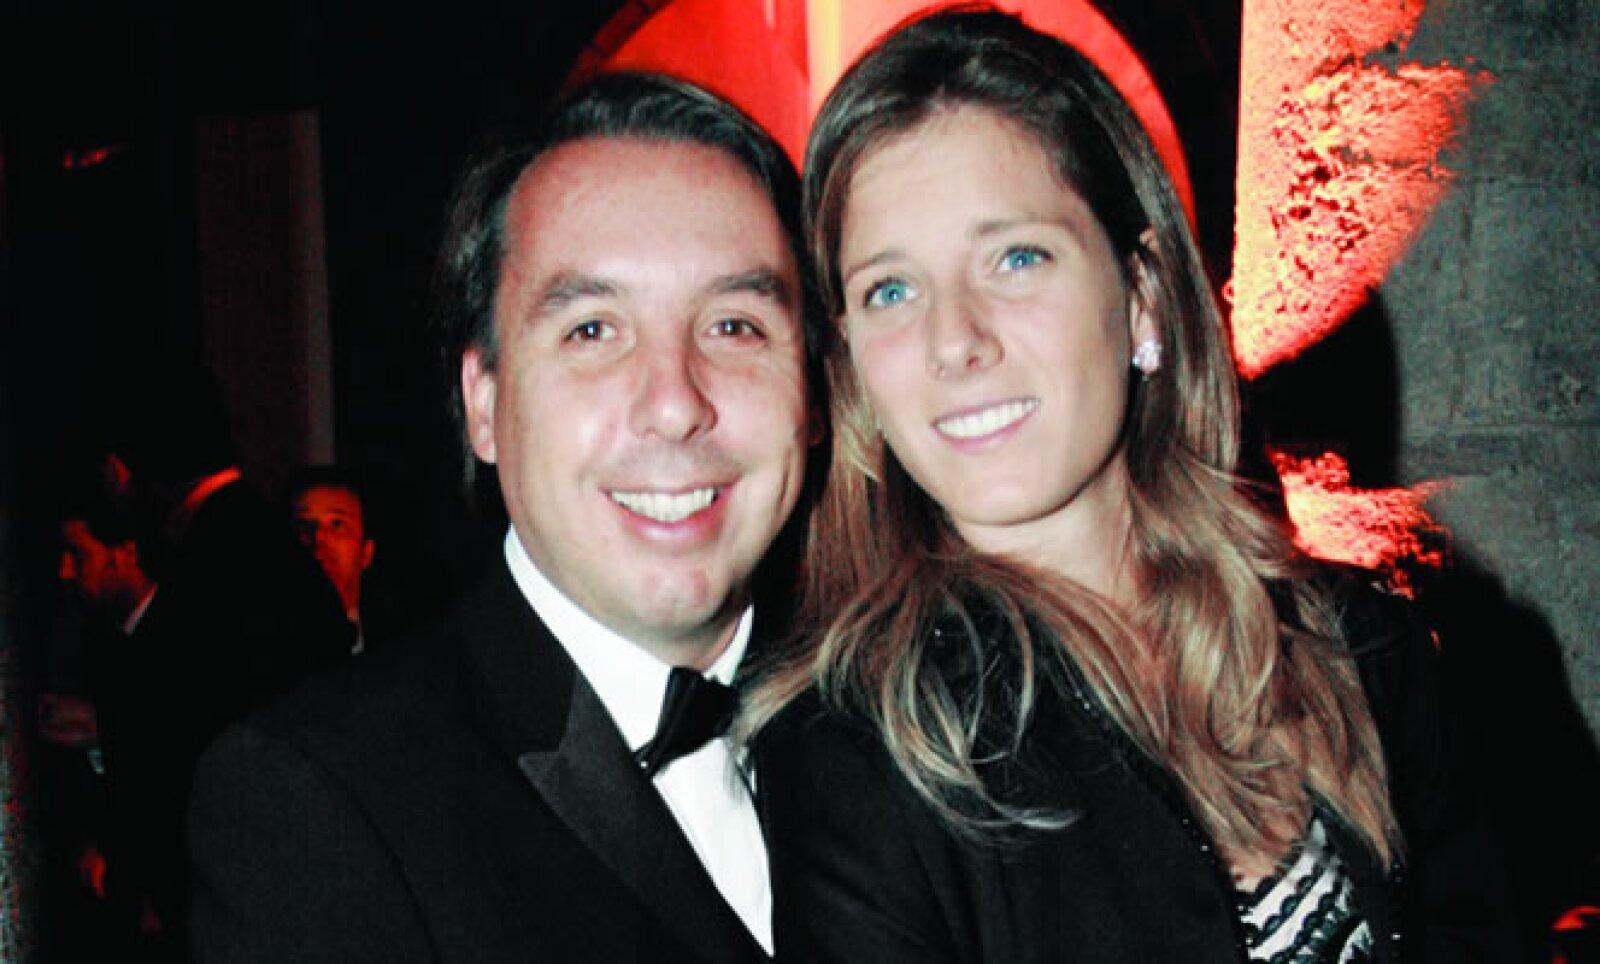 Actualmente Azcárraga Jean está casado con Sharon Fastlicht Kurian, algunos cuentan que se conocieron en un concierto en la ciudad de México en 2002, pero el verdadero flechazo fue durante un evento de yates en Miami, Fl.